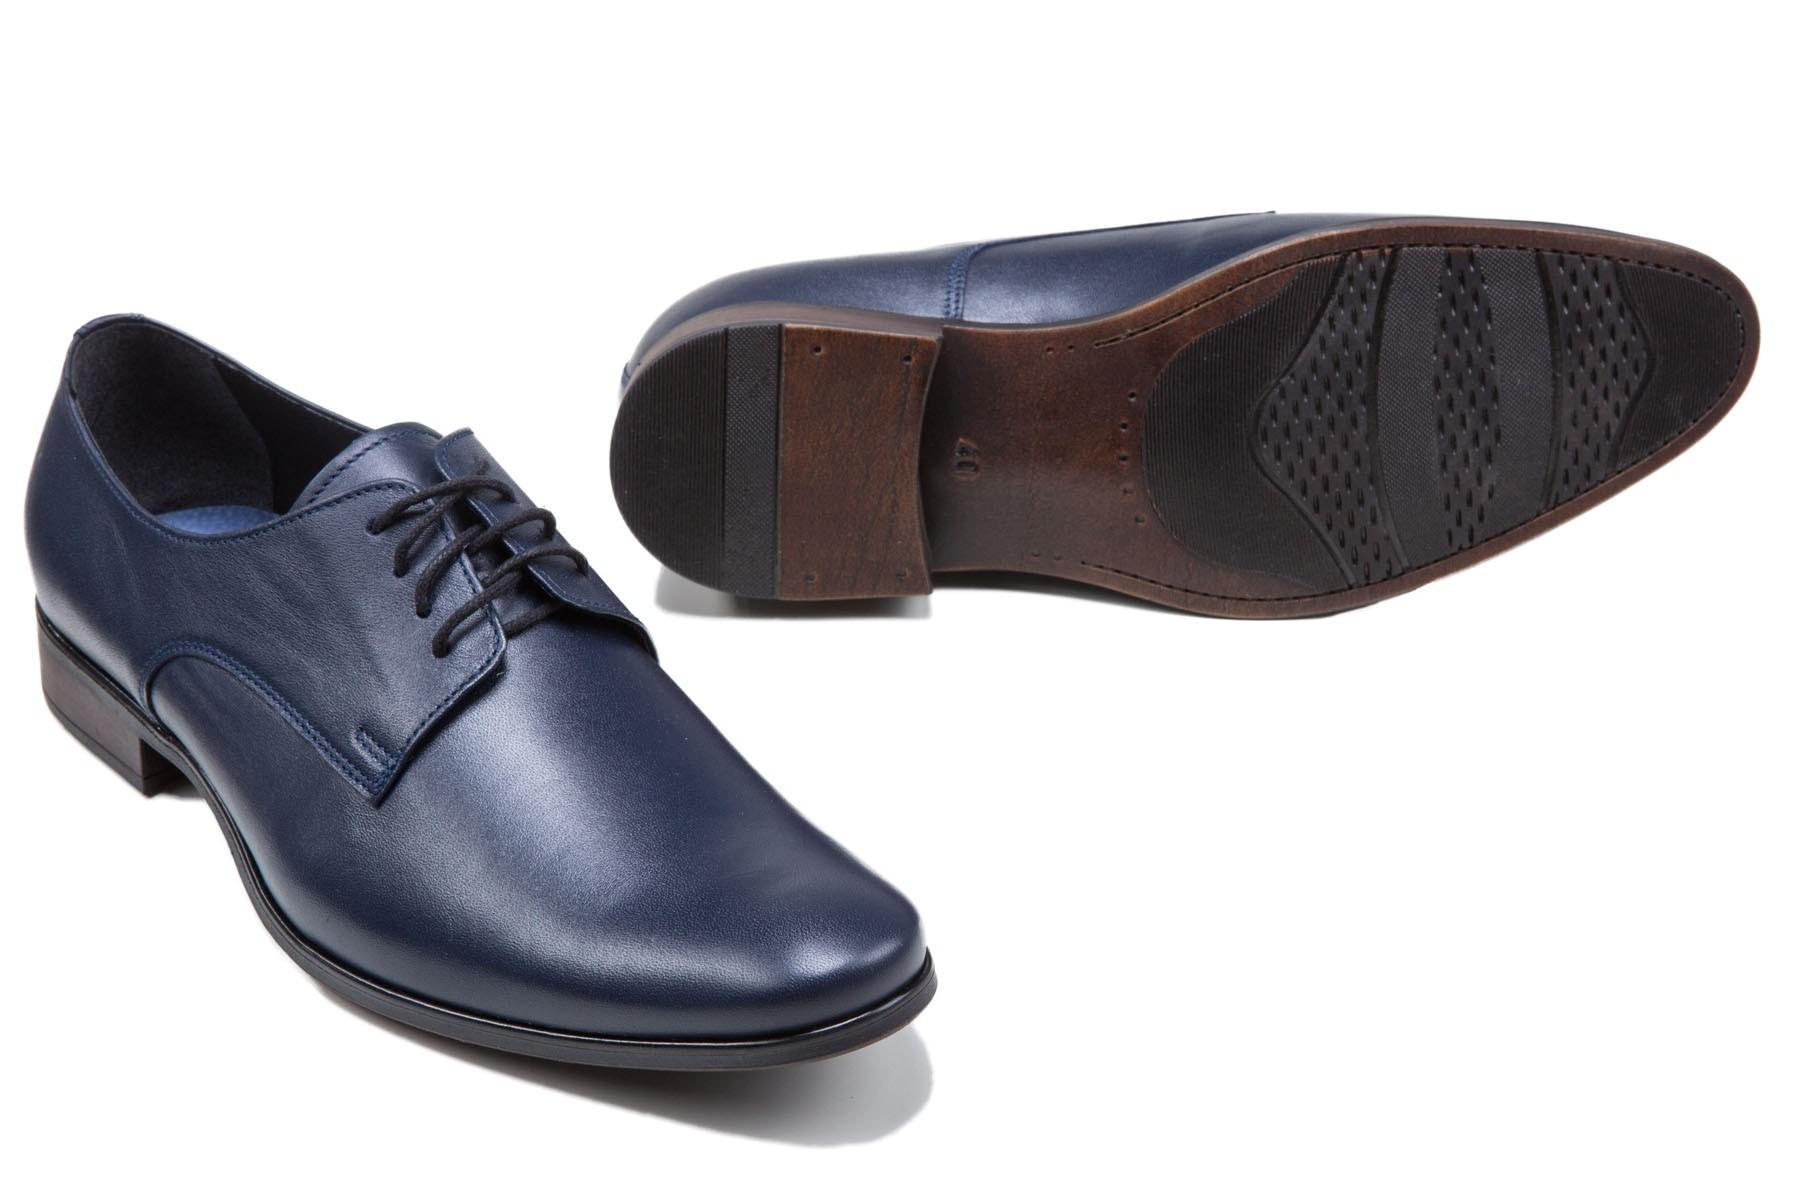 granatowe buty męskie klasyczne do garnituru